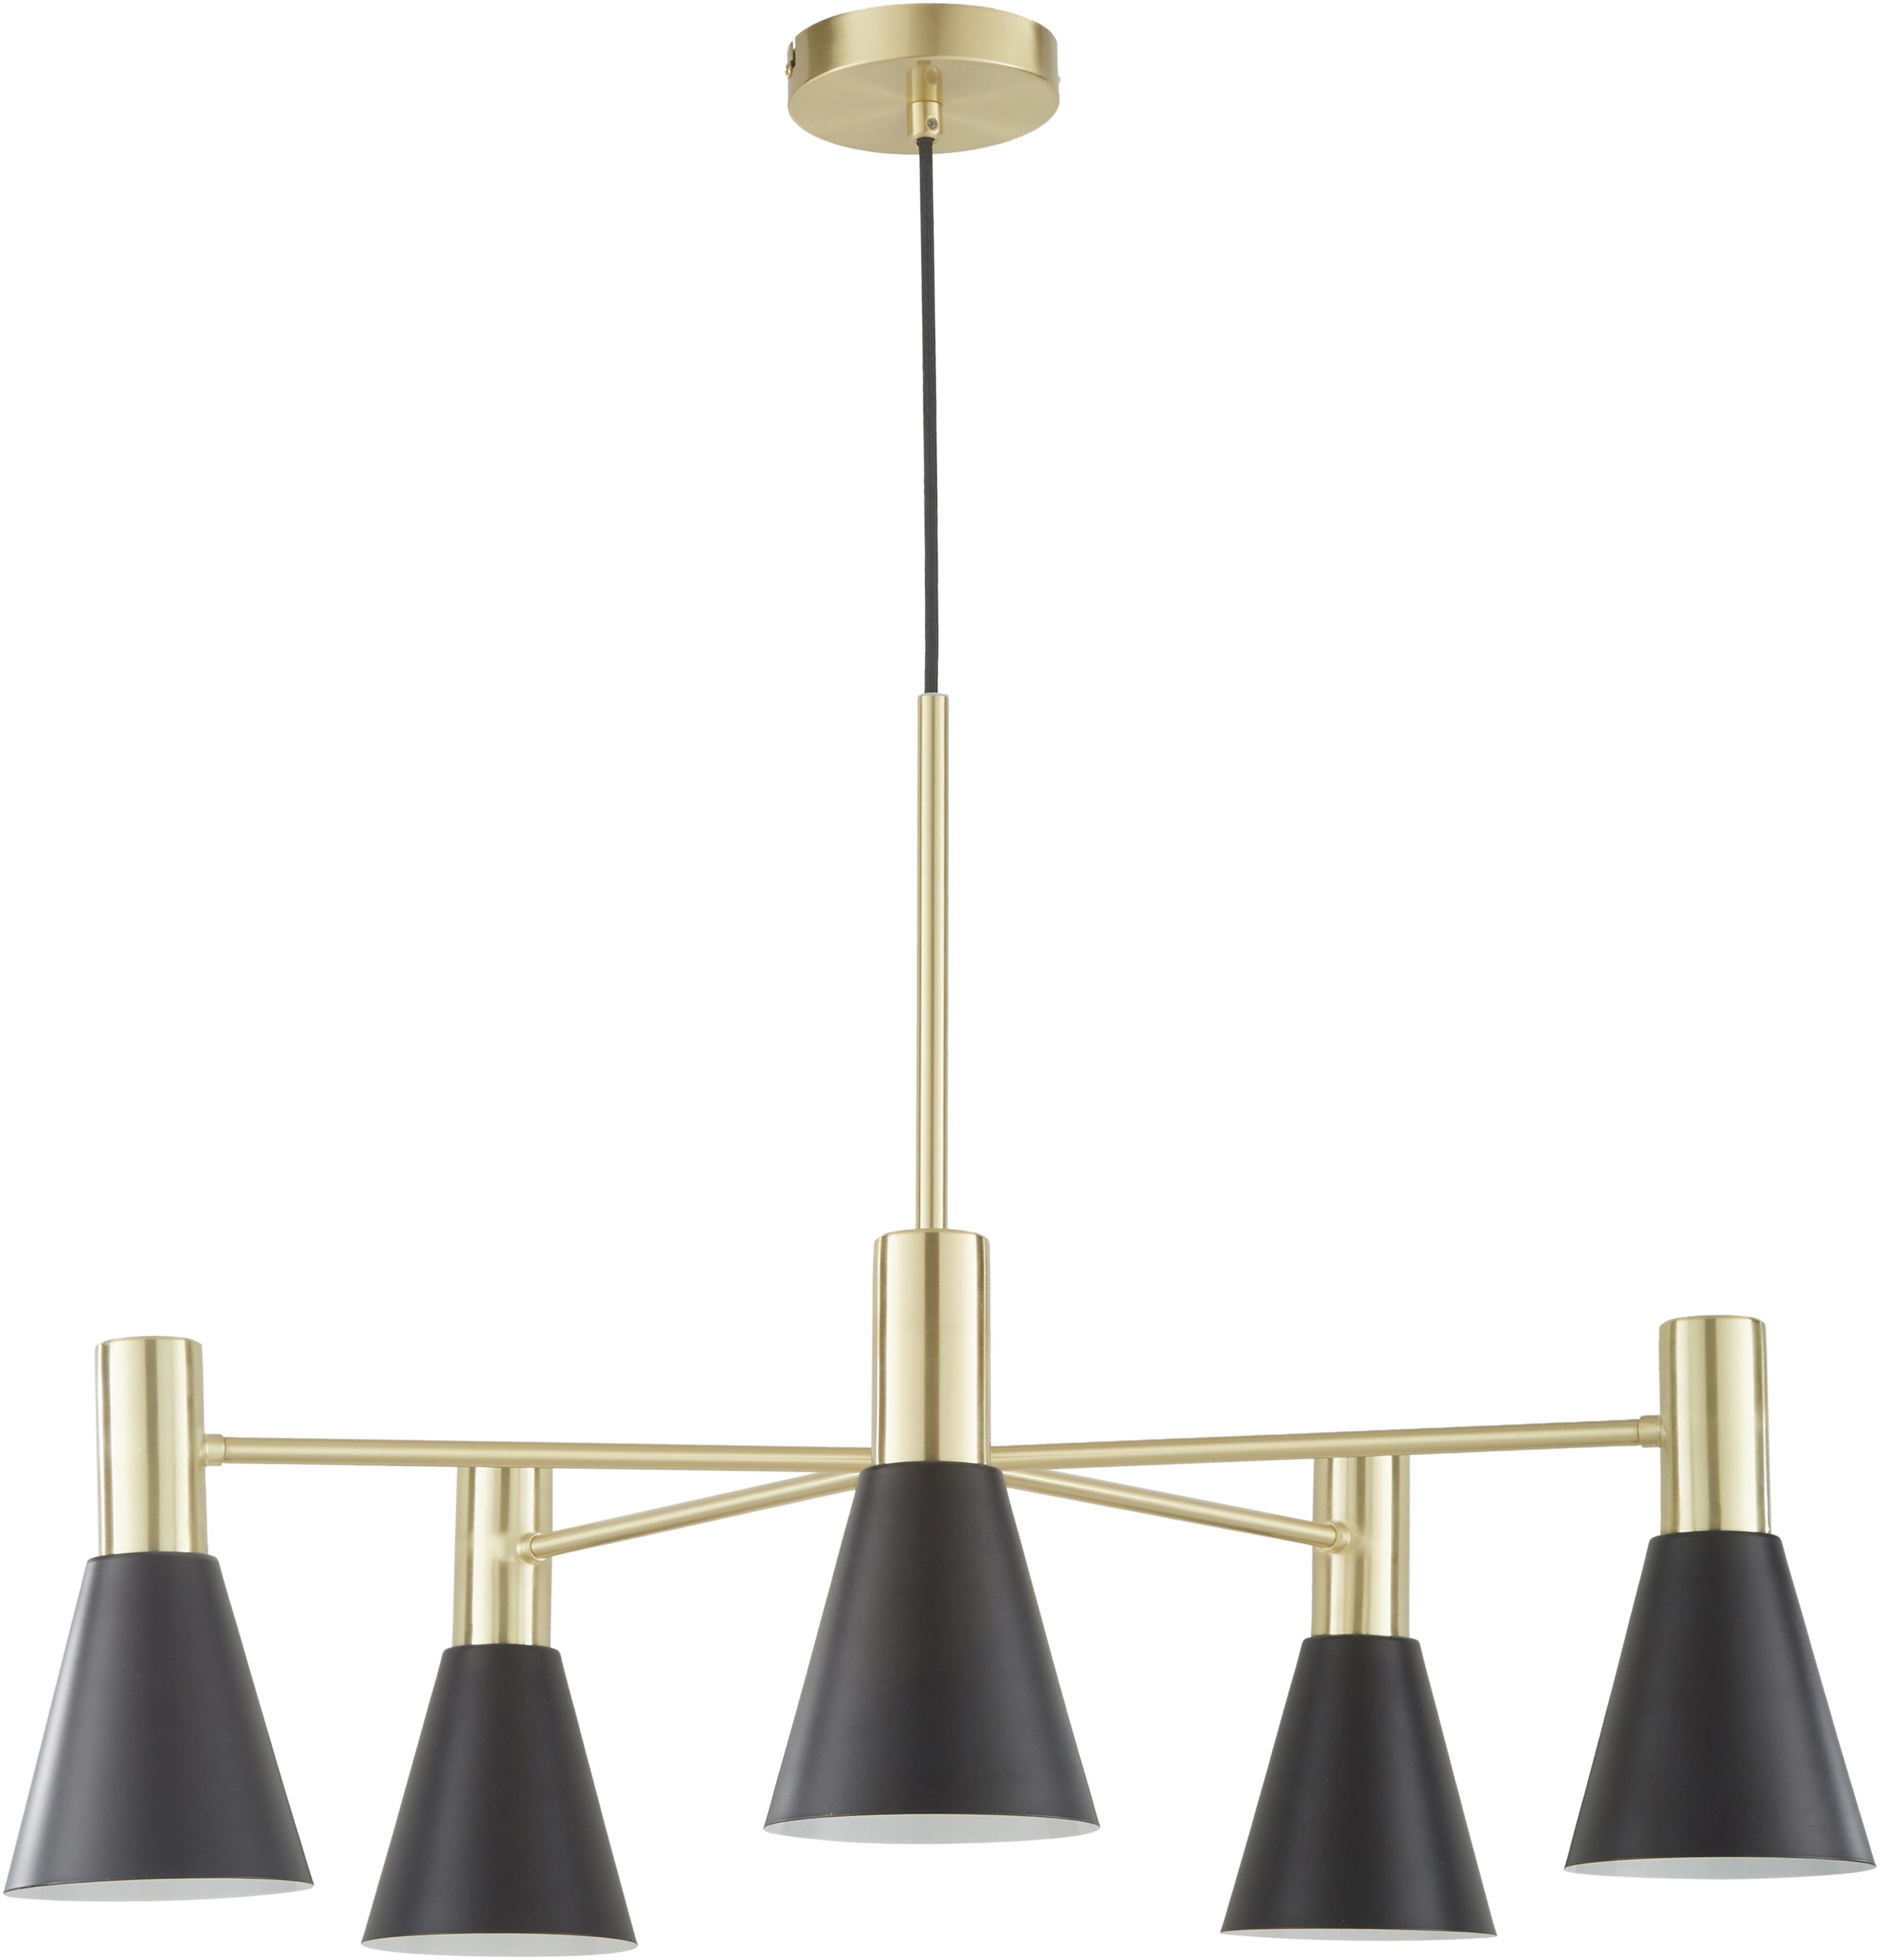 Pendelleuchte Sia, Lampenschirme:Schwarz, mattBaldachin und Lampengestell:Messing, gebürstet, Ø 75 cm